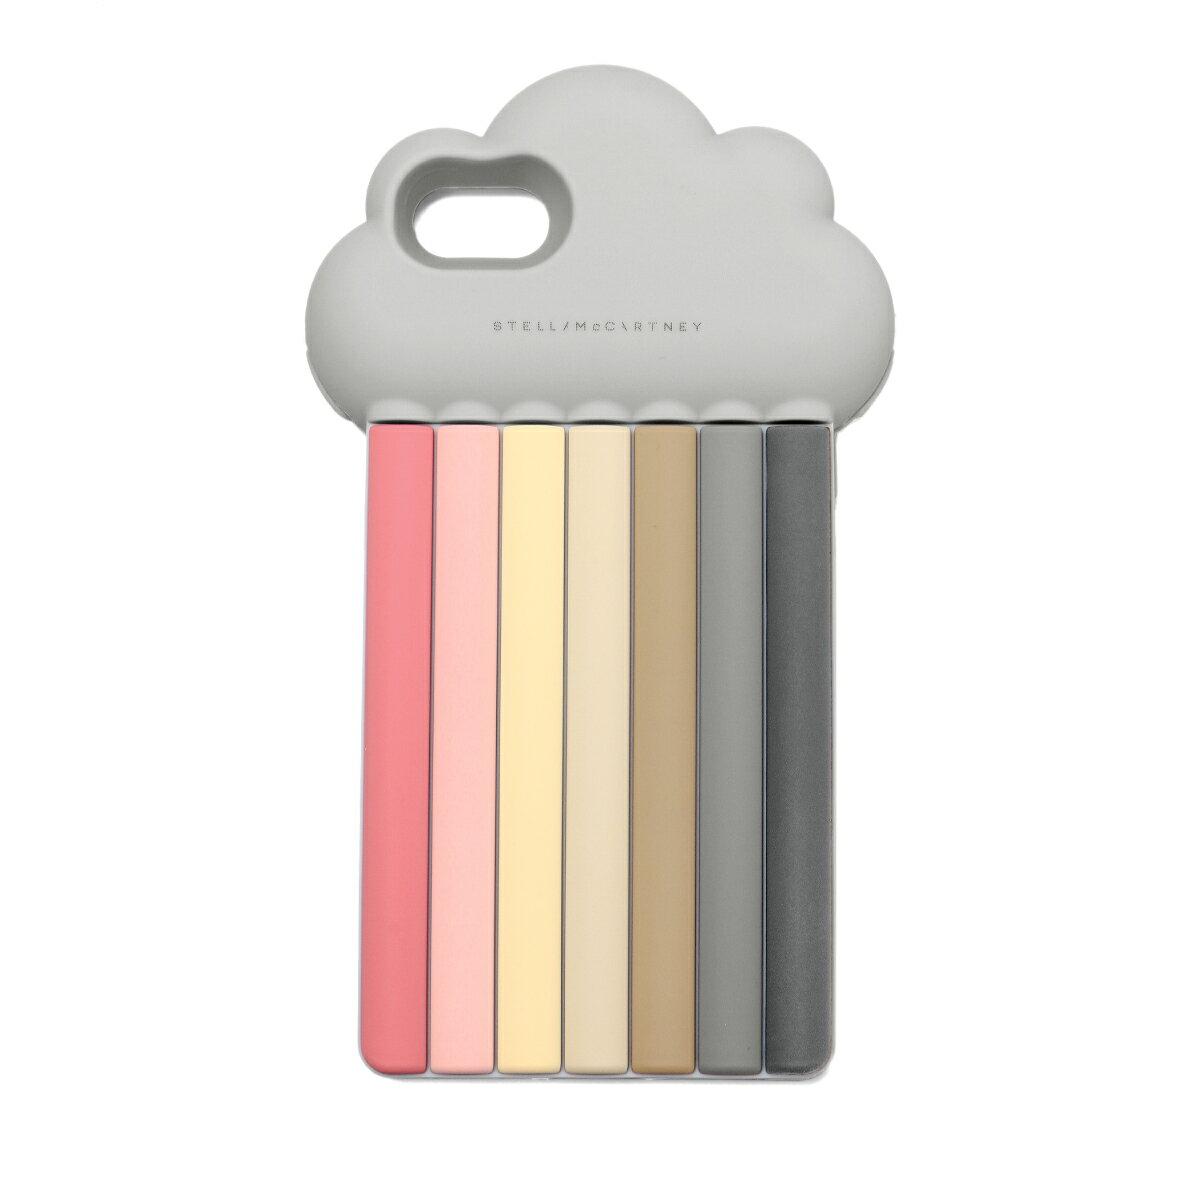 ステラ マッカートニー STELLA McCARTNEY iPhone7ケース レディース 478621 W9941 9393 RAINBOW マルチカラー